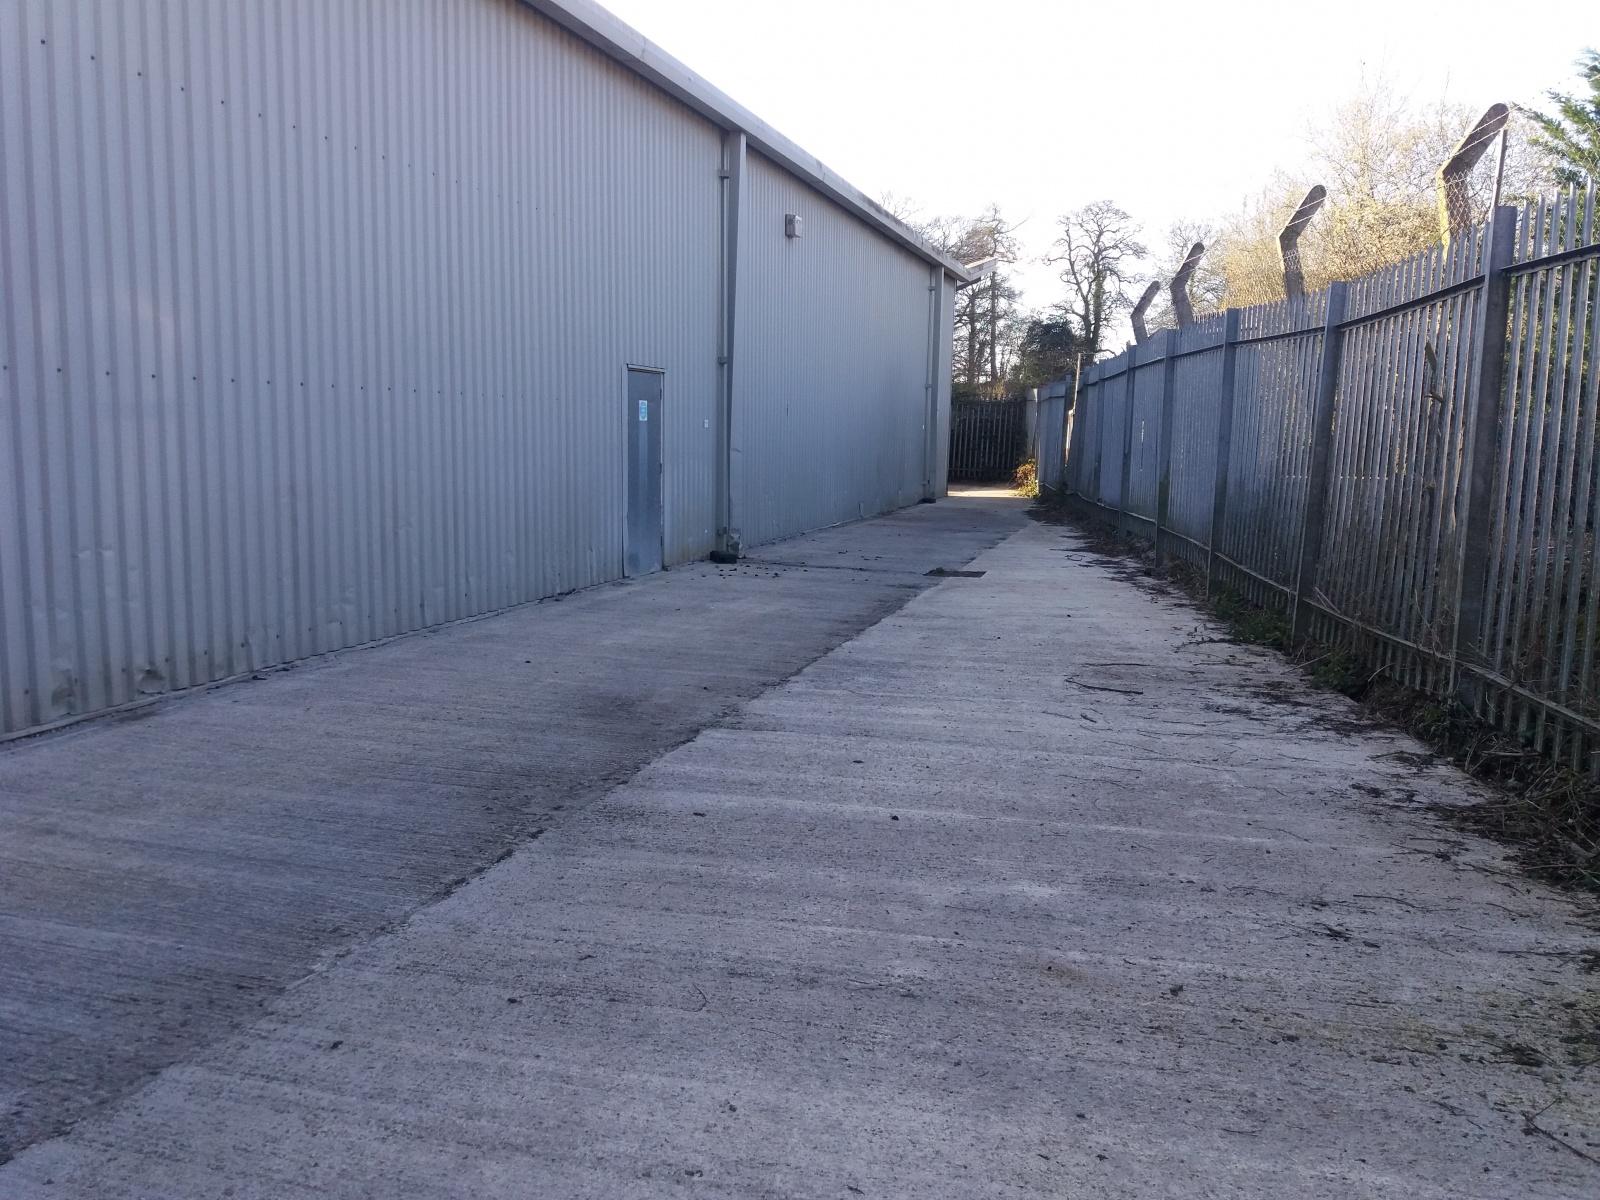 Retail Warehouse Premises, Weeping Cross Lane, Ludlow, Shropshire